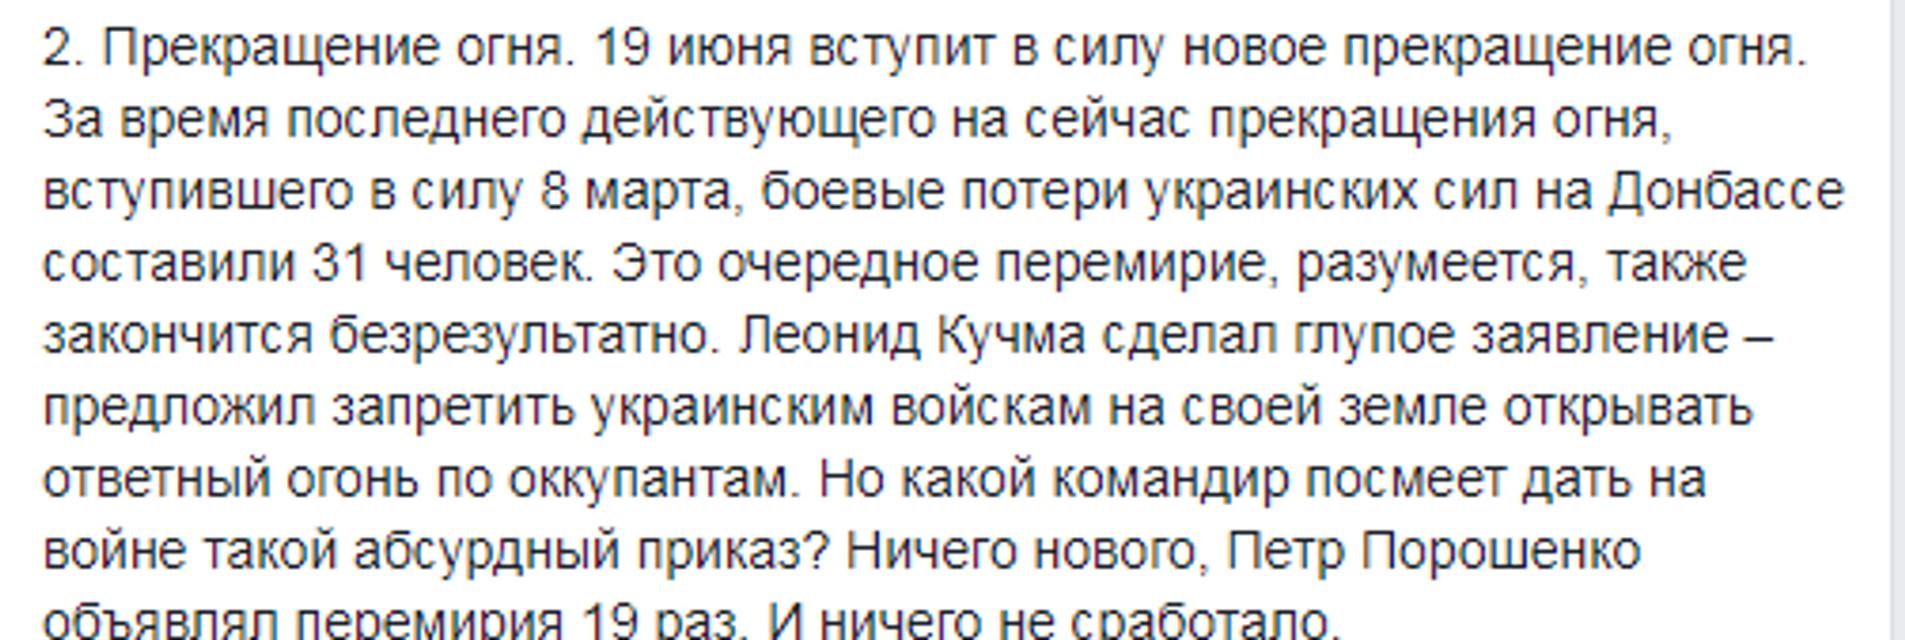 Кучма просит ВСУ не стрелять: сеть разорвало от гнева - фото 182277